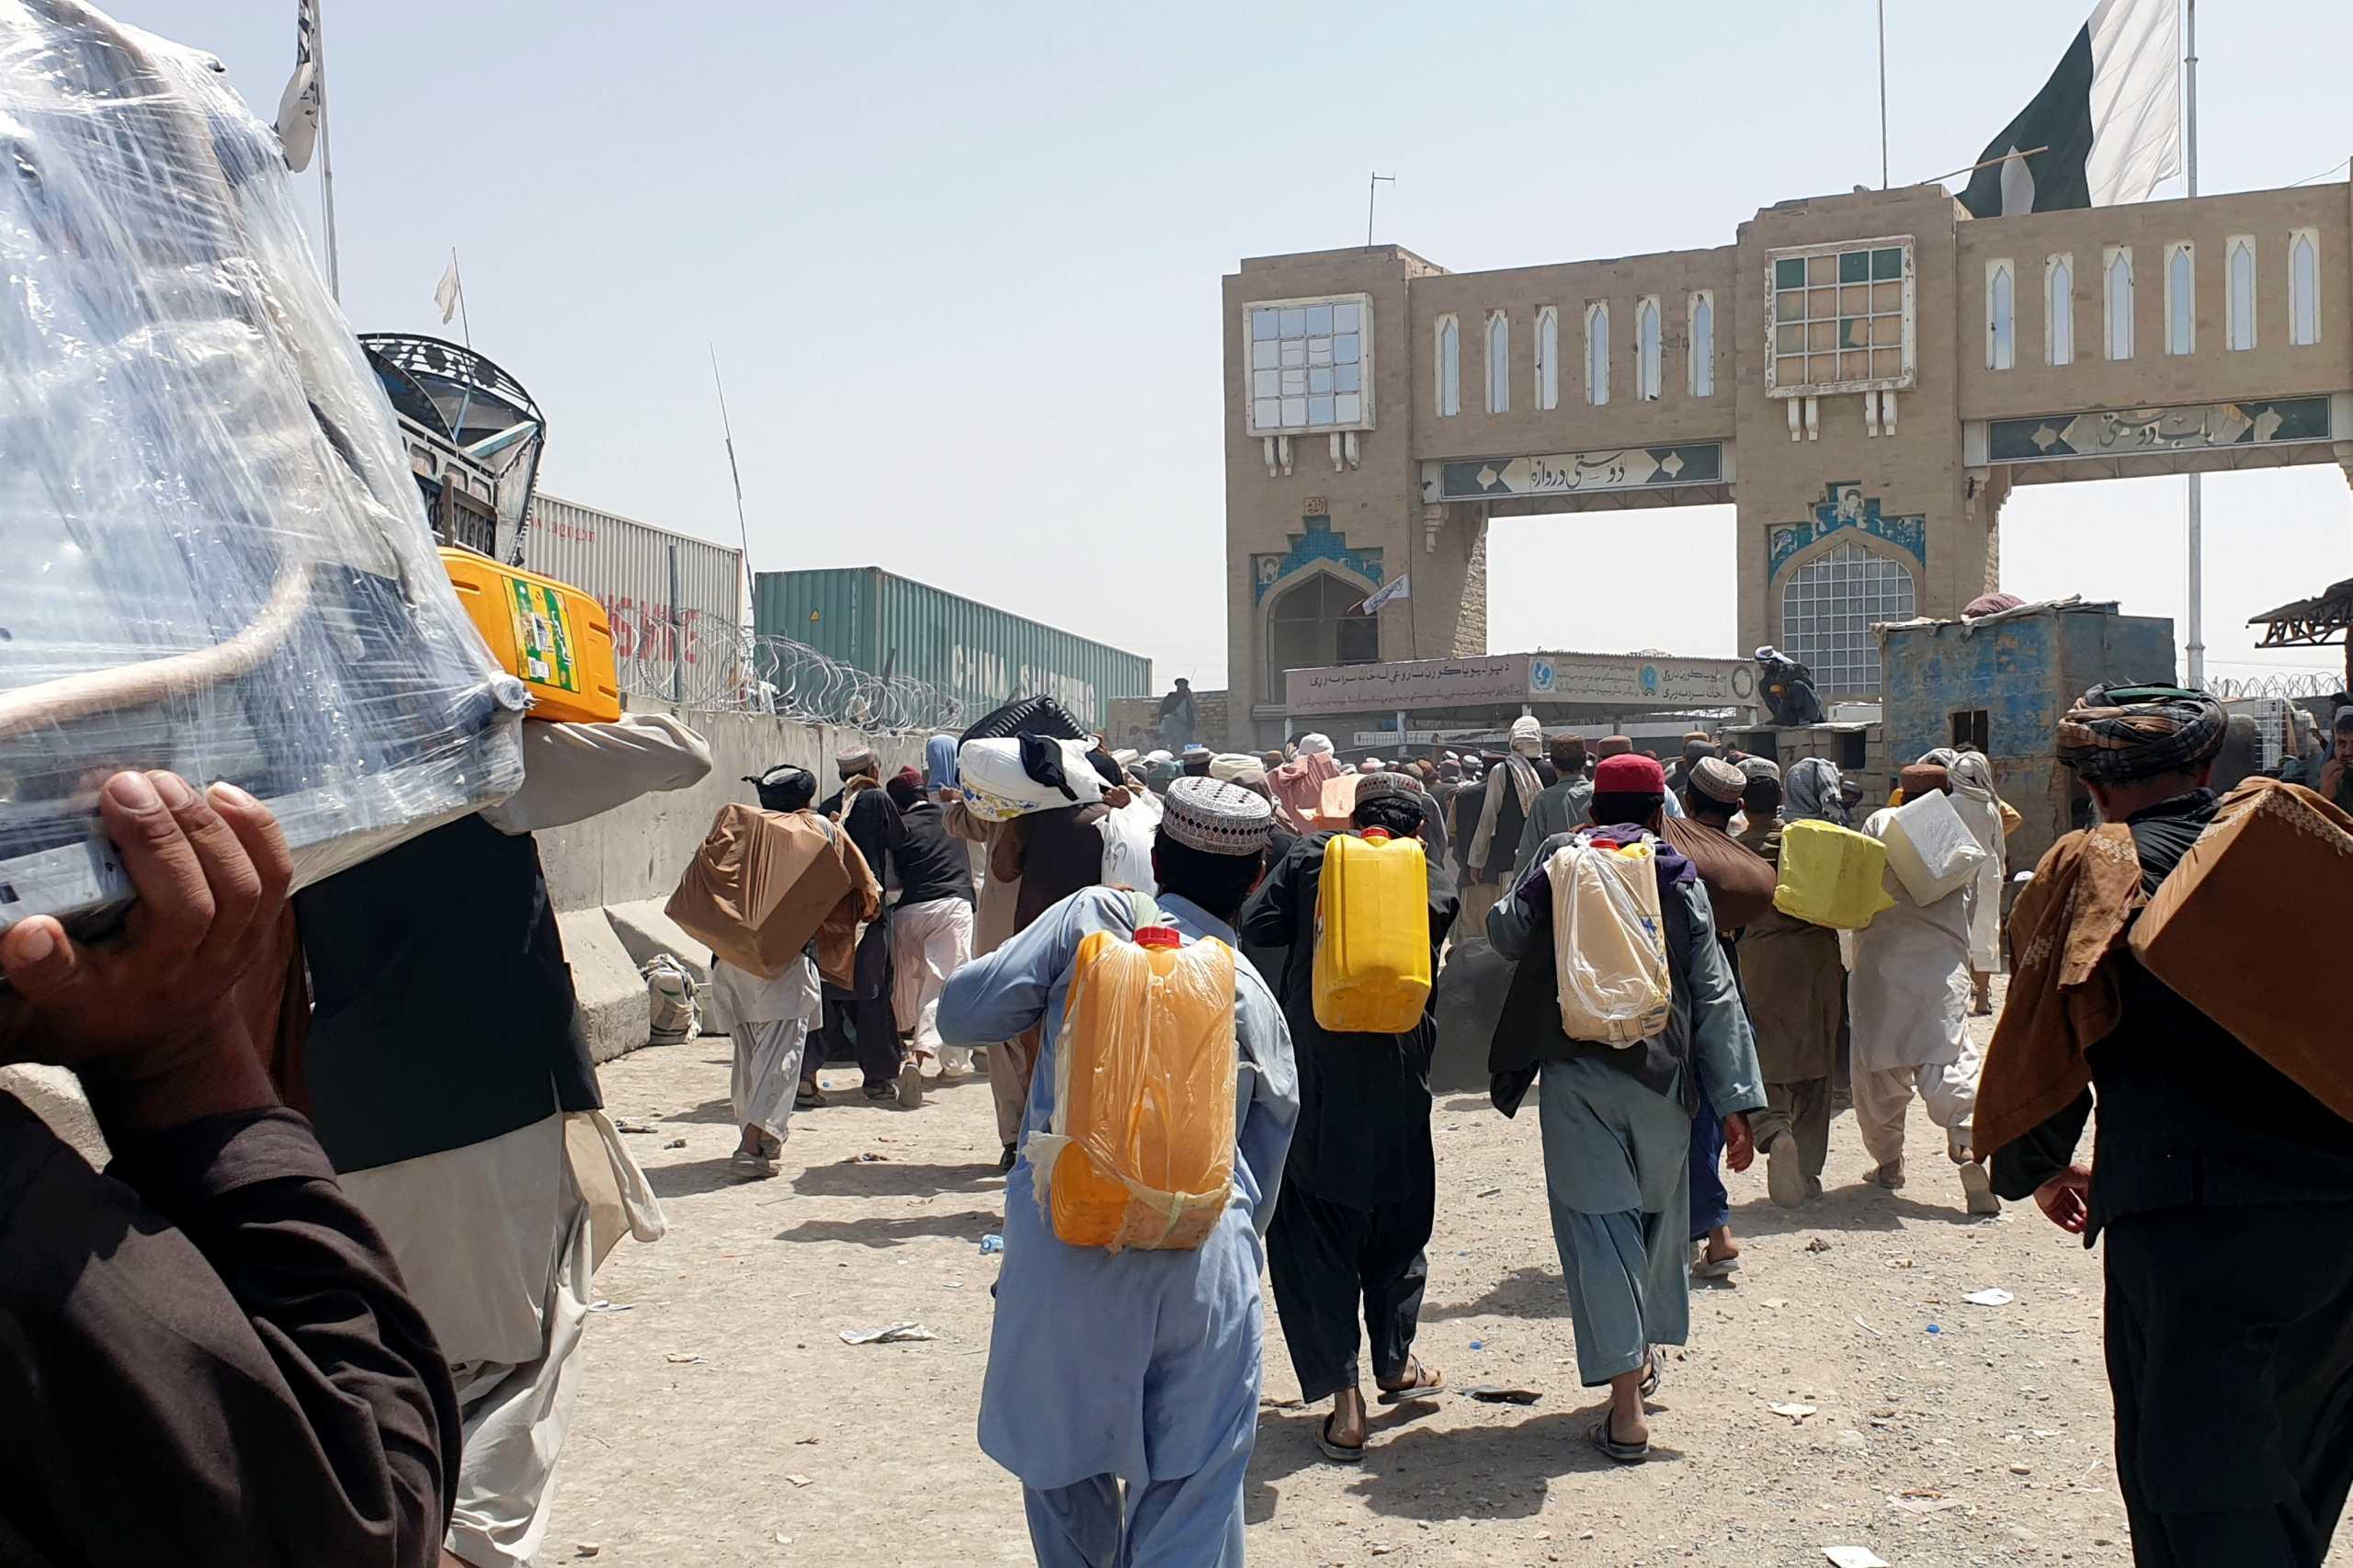 ΕΕ: Πακέτο στήριξης 1 δισ.ευρώ για το Αφγανιστάν